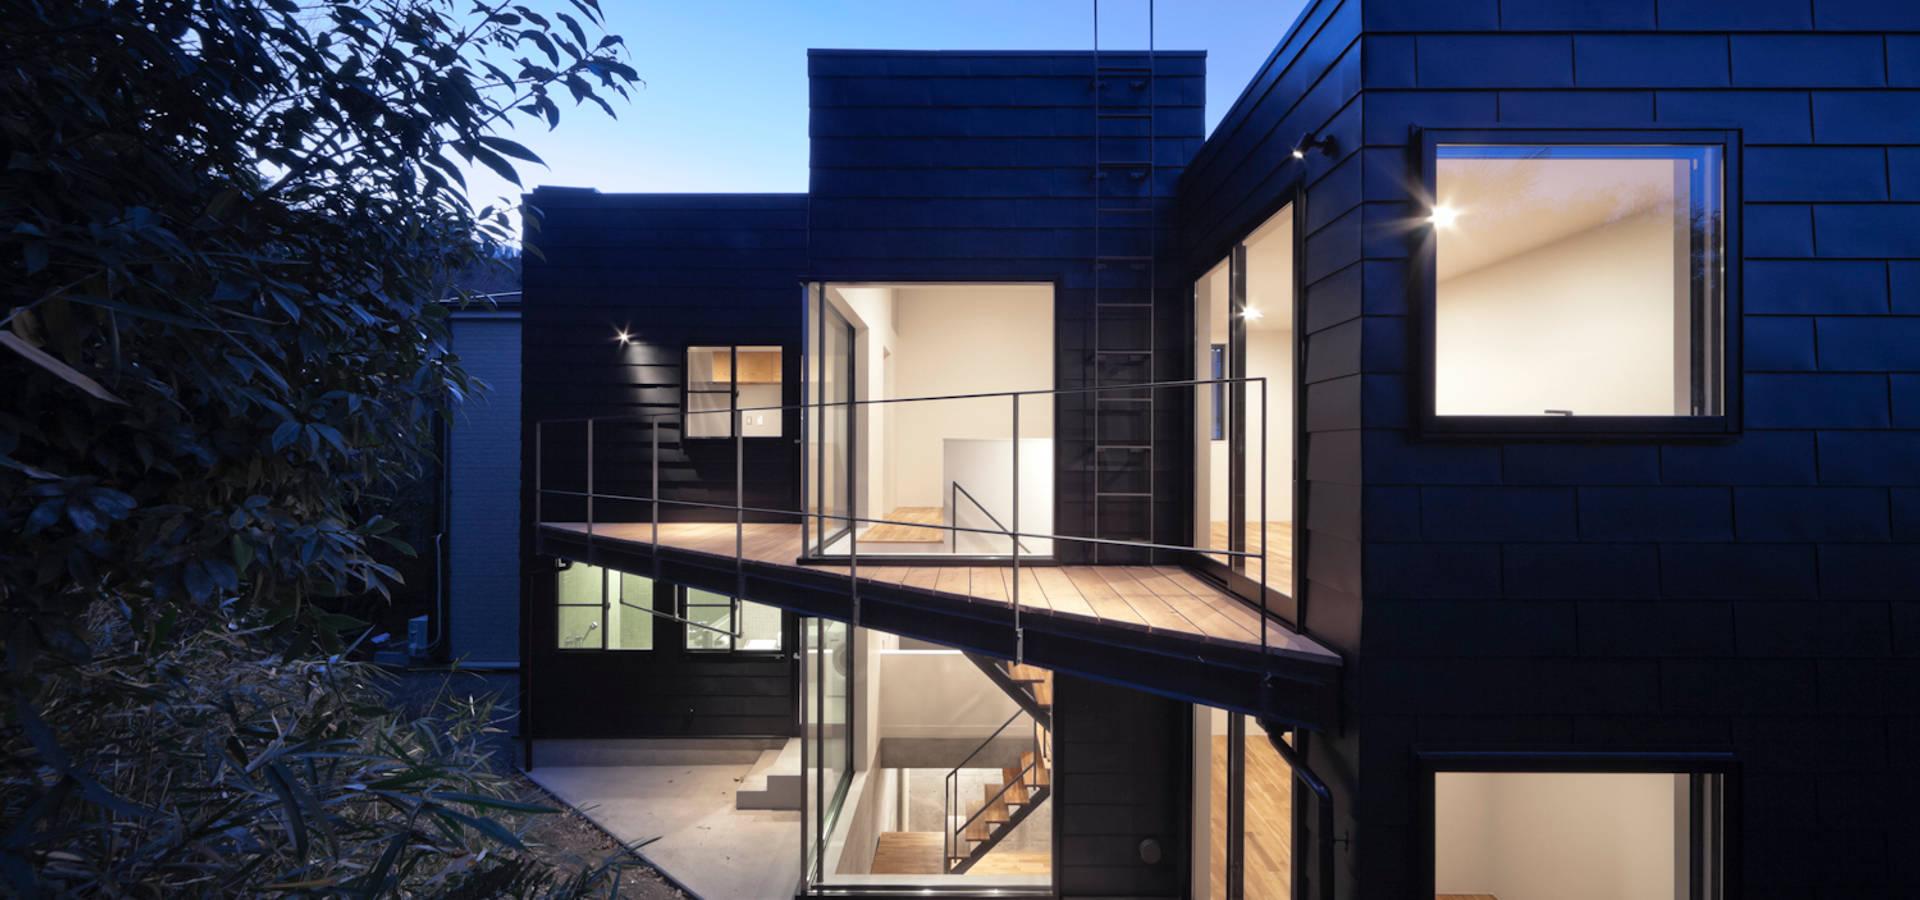 トルク一級建築士事務所